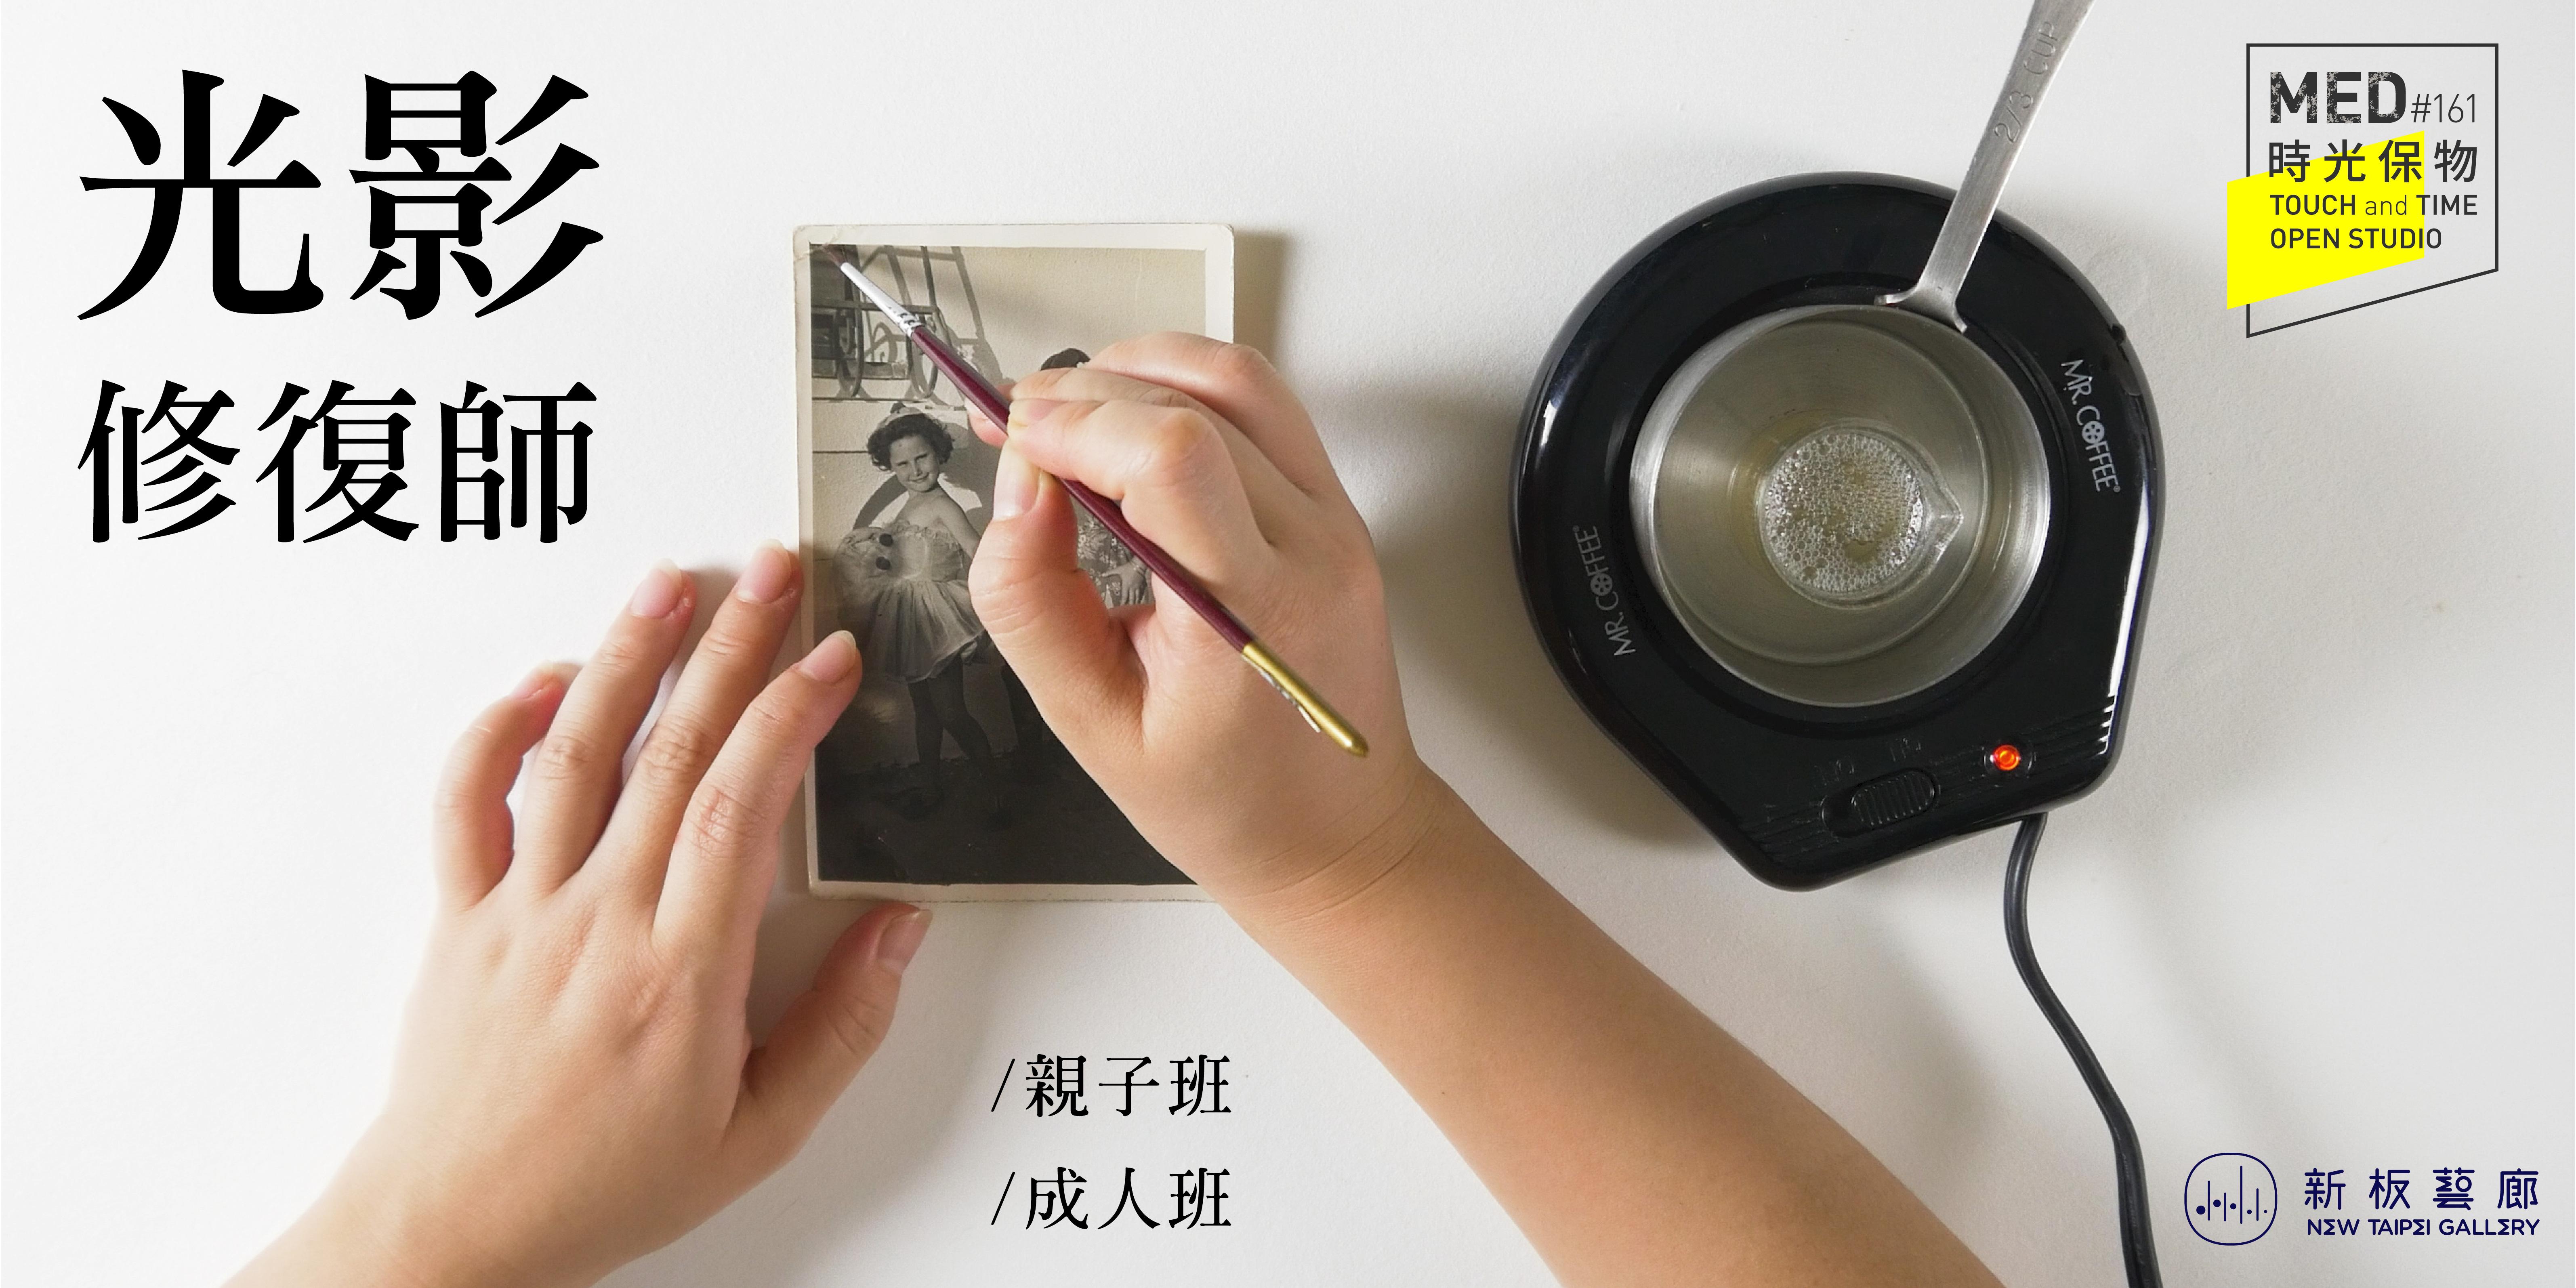 修光補影-光影修復師